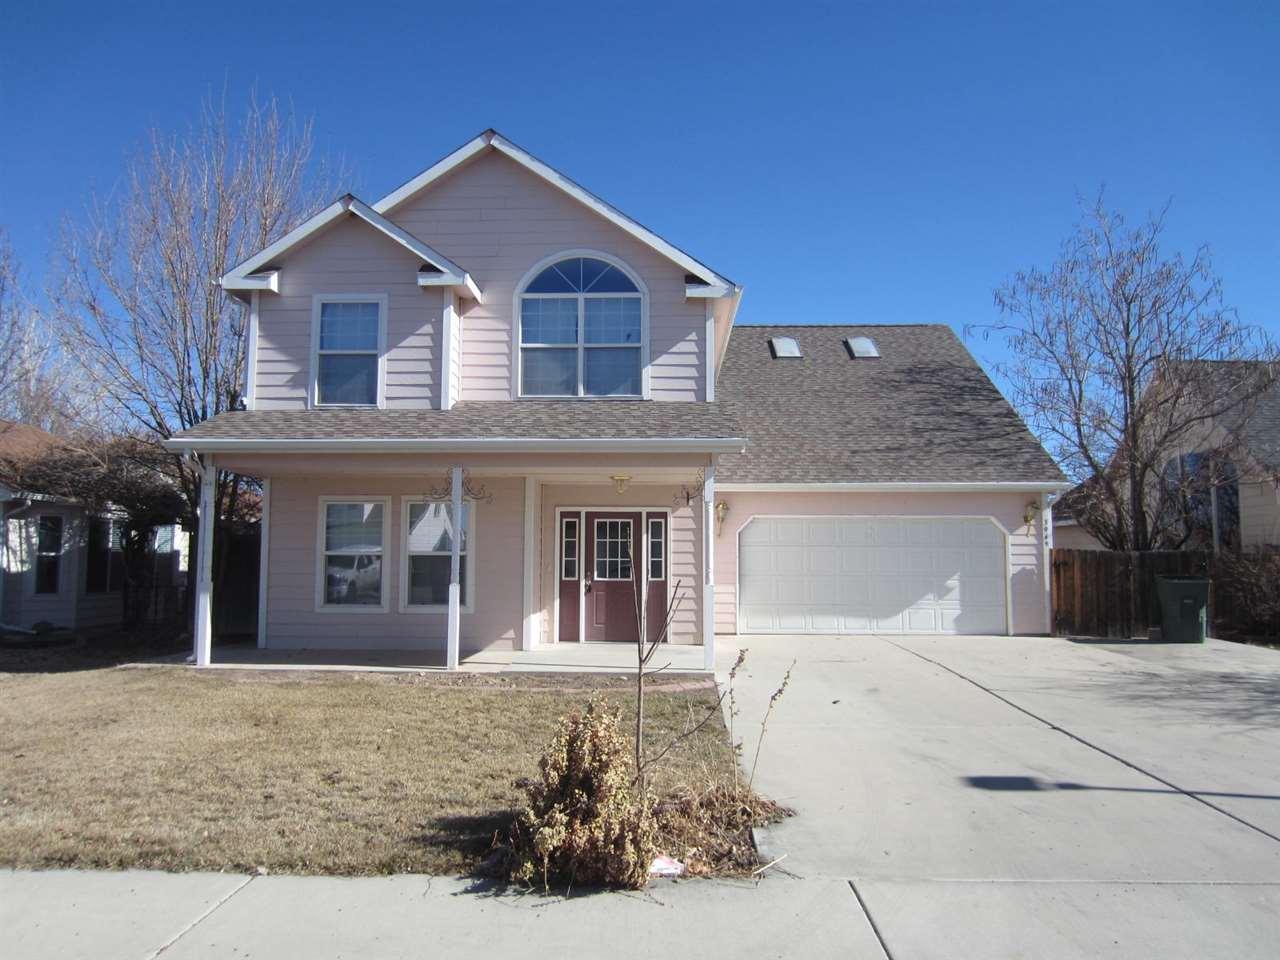 394 1/2 Skyler Street, Grand Junction, CO 81501